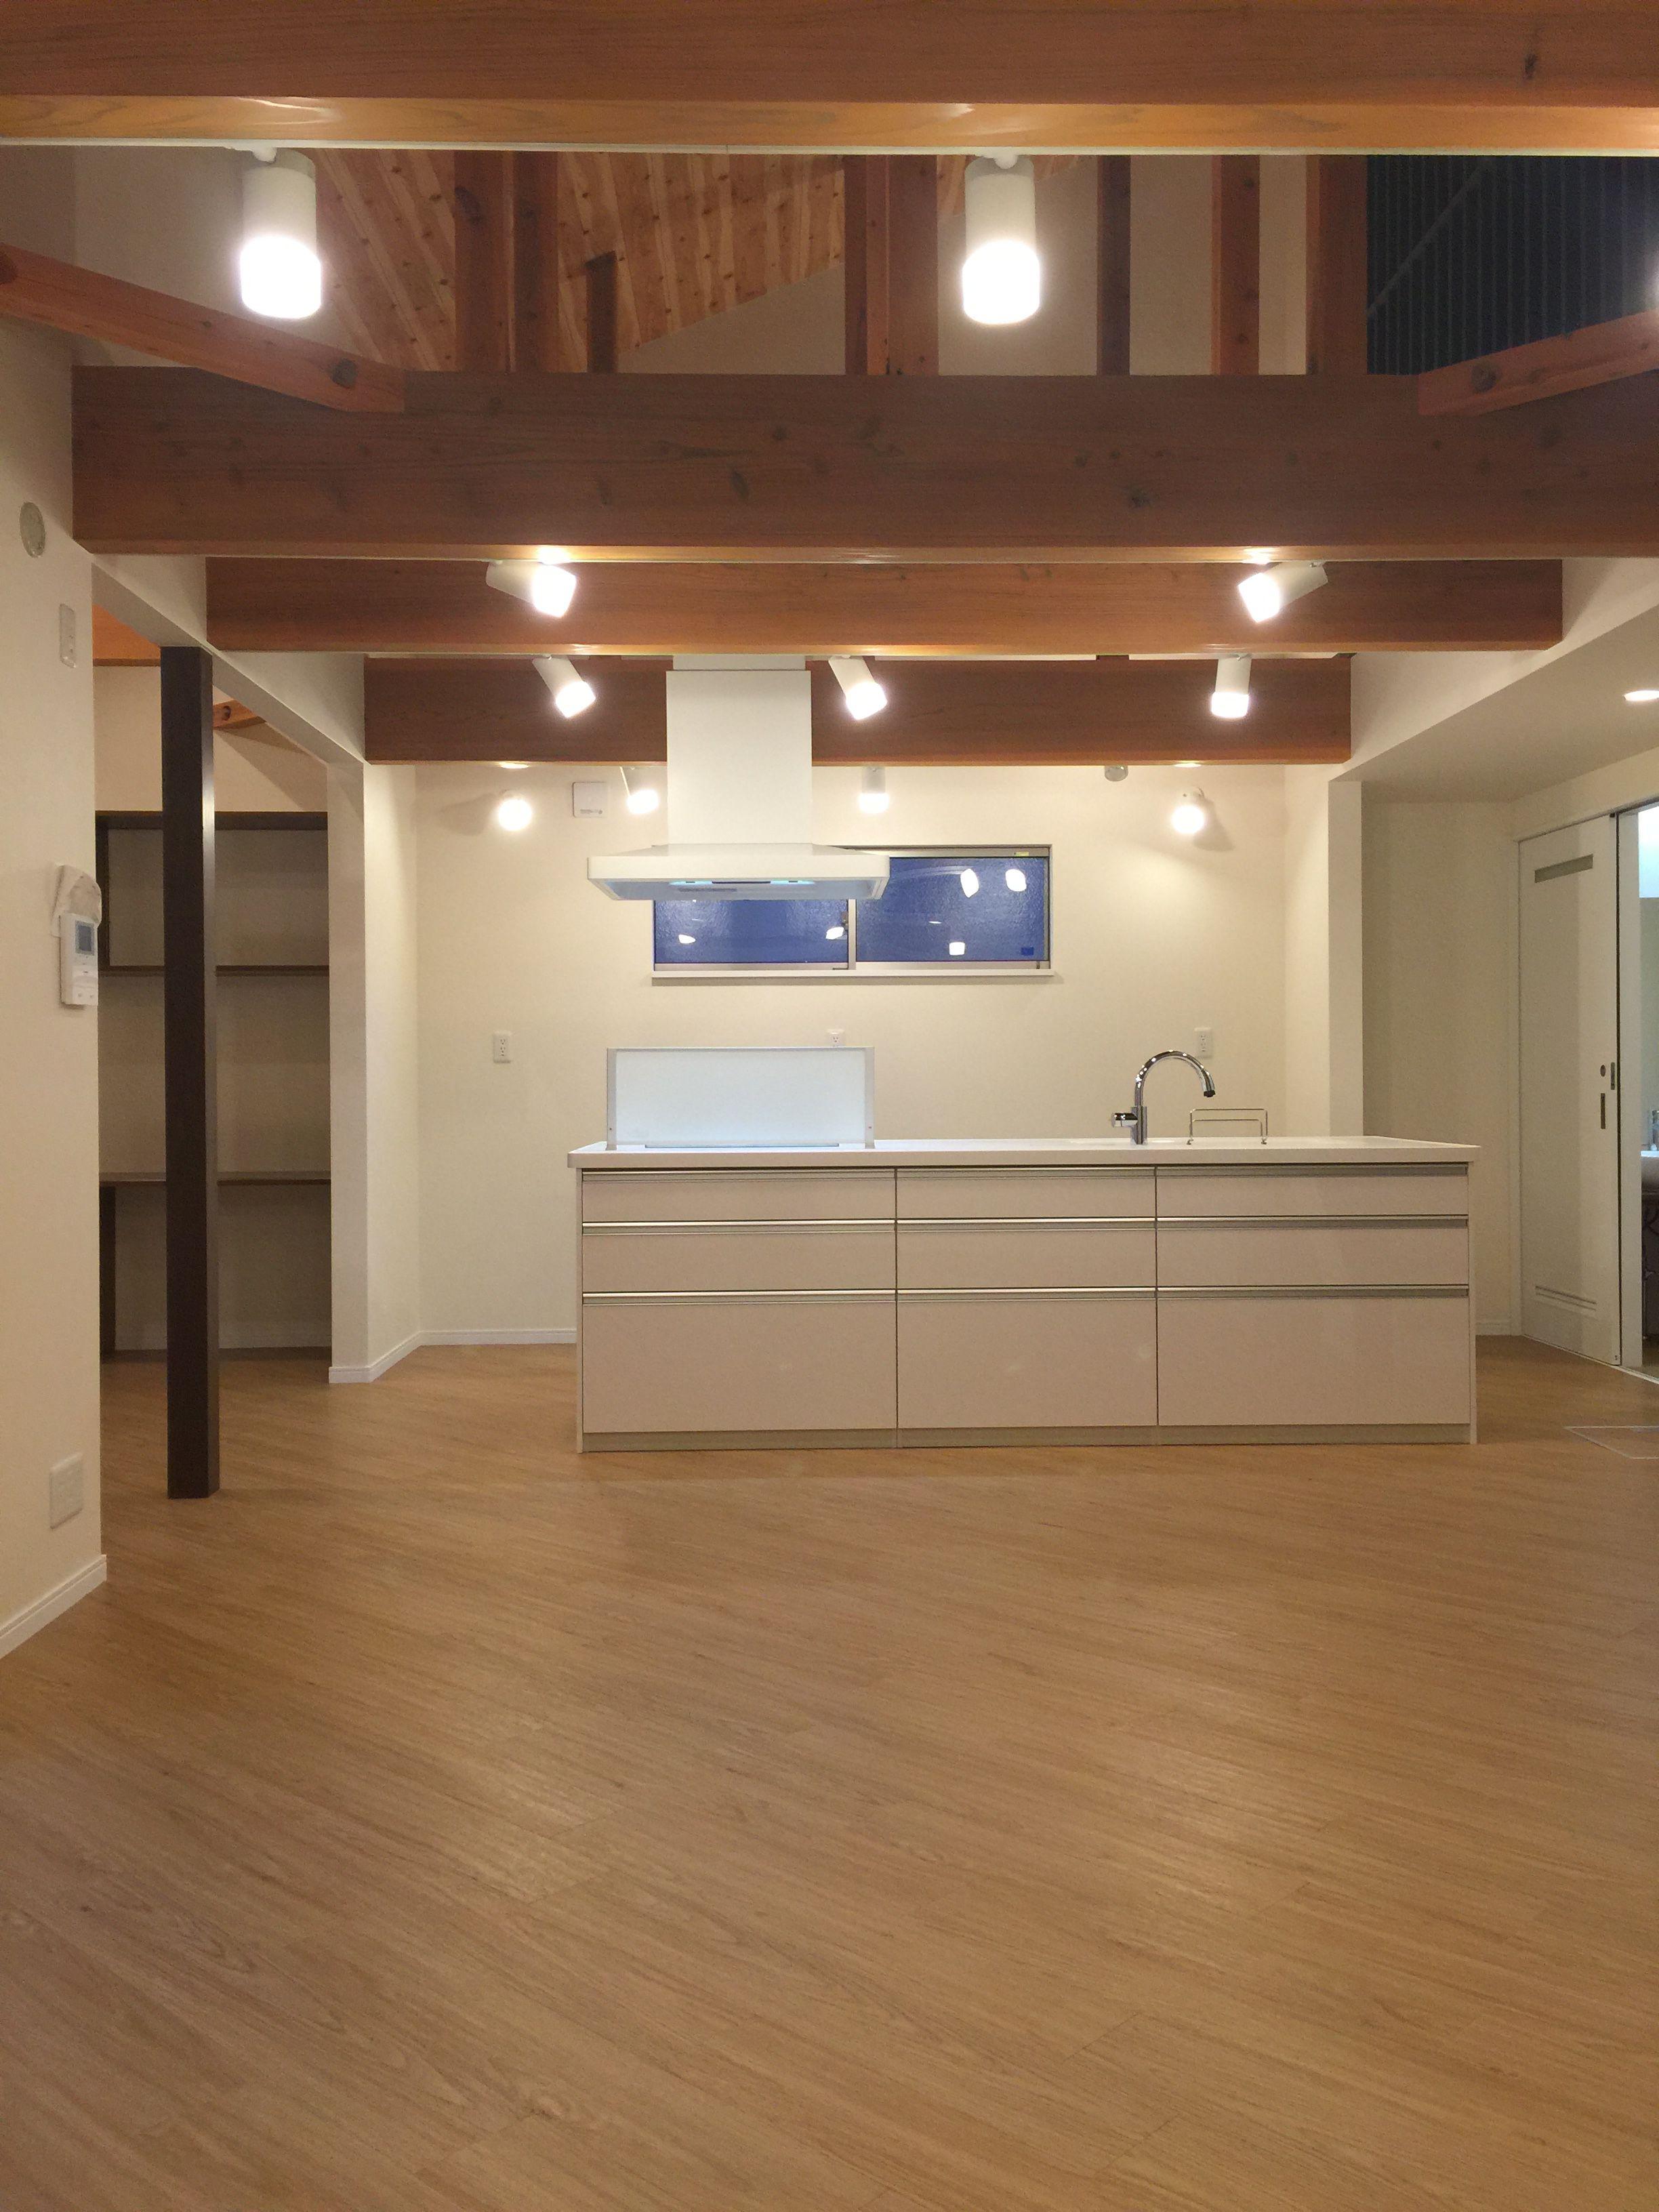 勾配天井部分は 梁などの構造材 をそのまま見せて仕上げをしています 住宅 注文住宅 住宅リフォーム